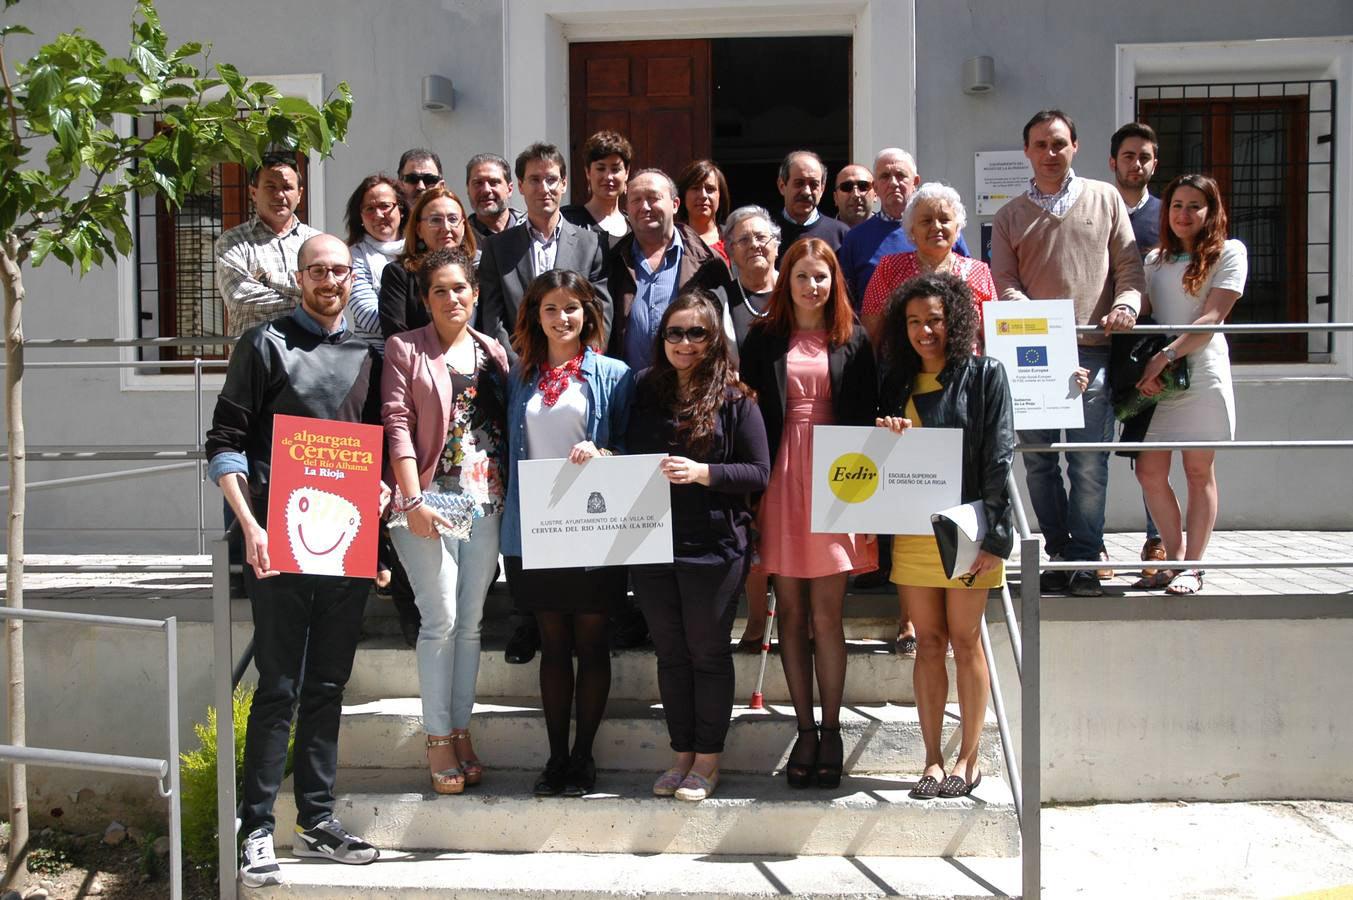 Javier Gonzalez y Catalina Barroso alumnos de 3º de Moda, galardonados en los Premios de diseño de La Alpargata de Cervera